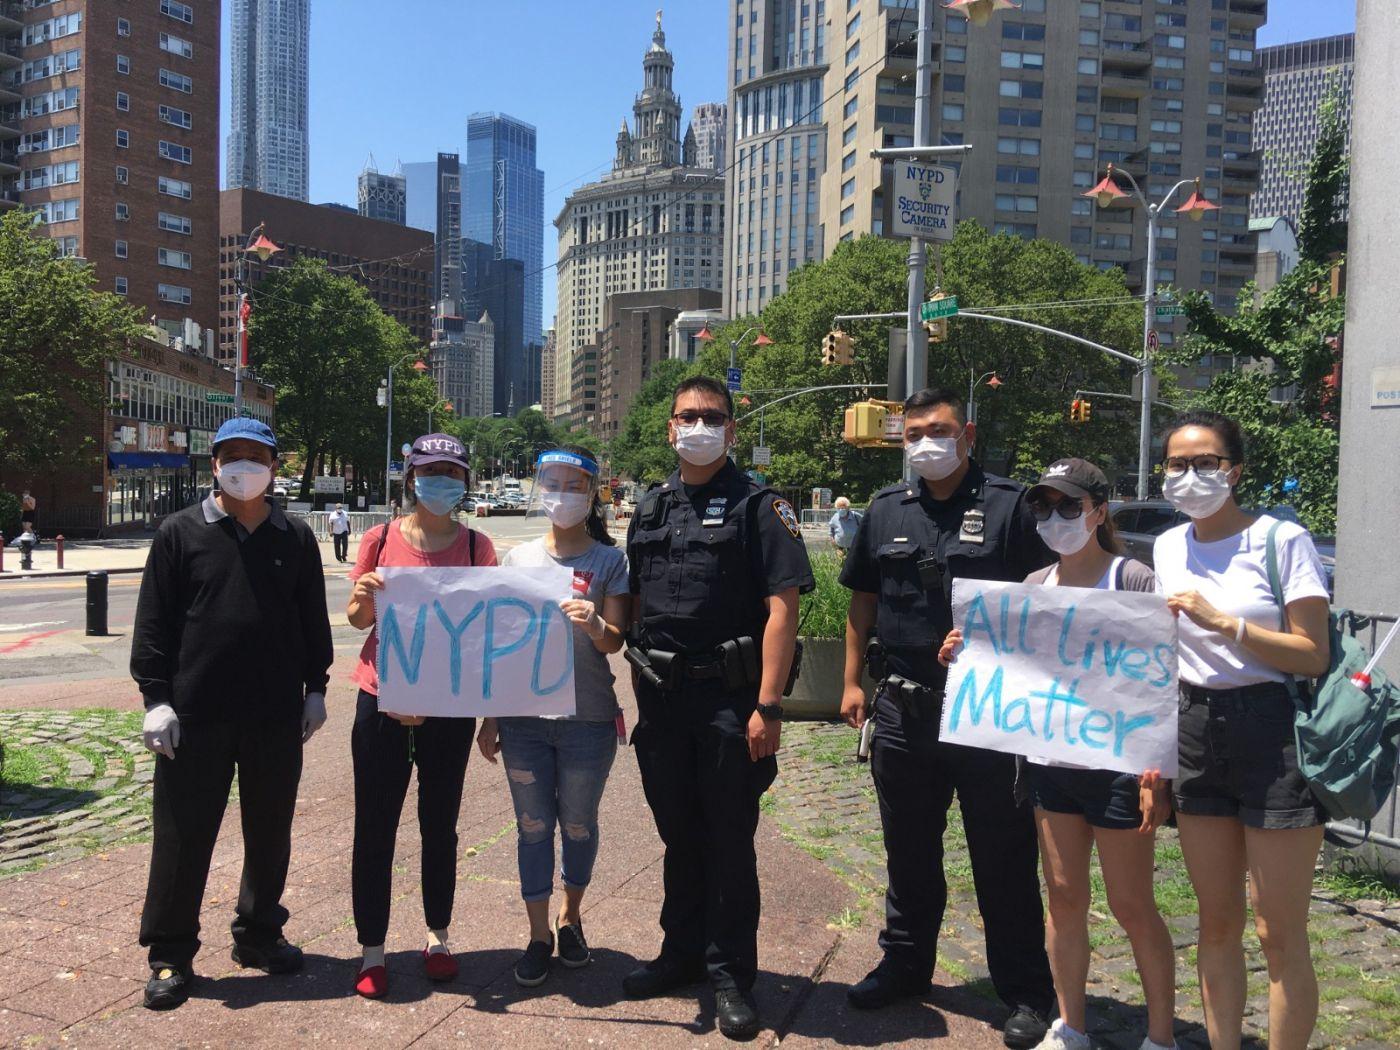 纽约华埠侨团声援支持纽约警察活动_图1-20